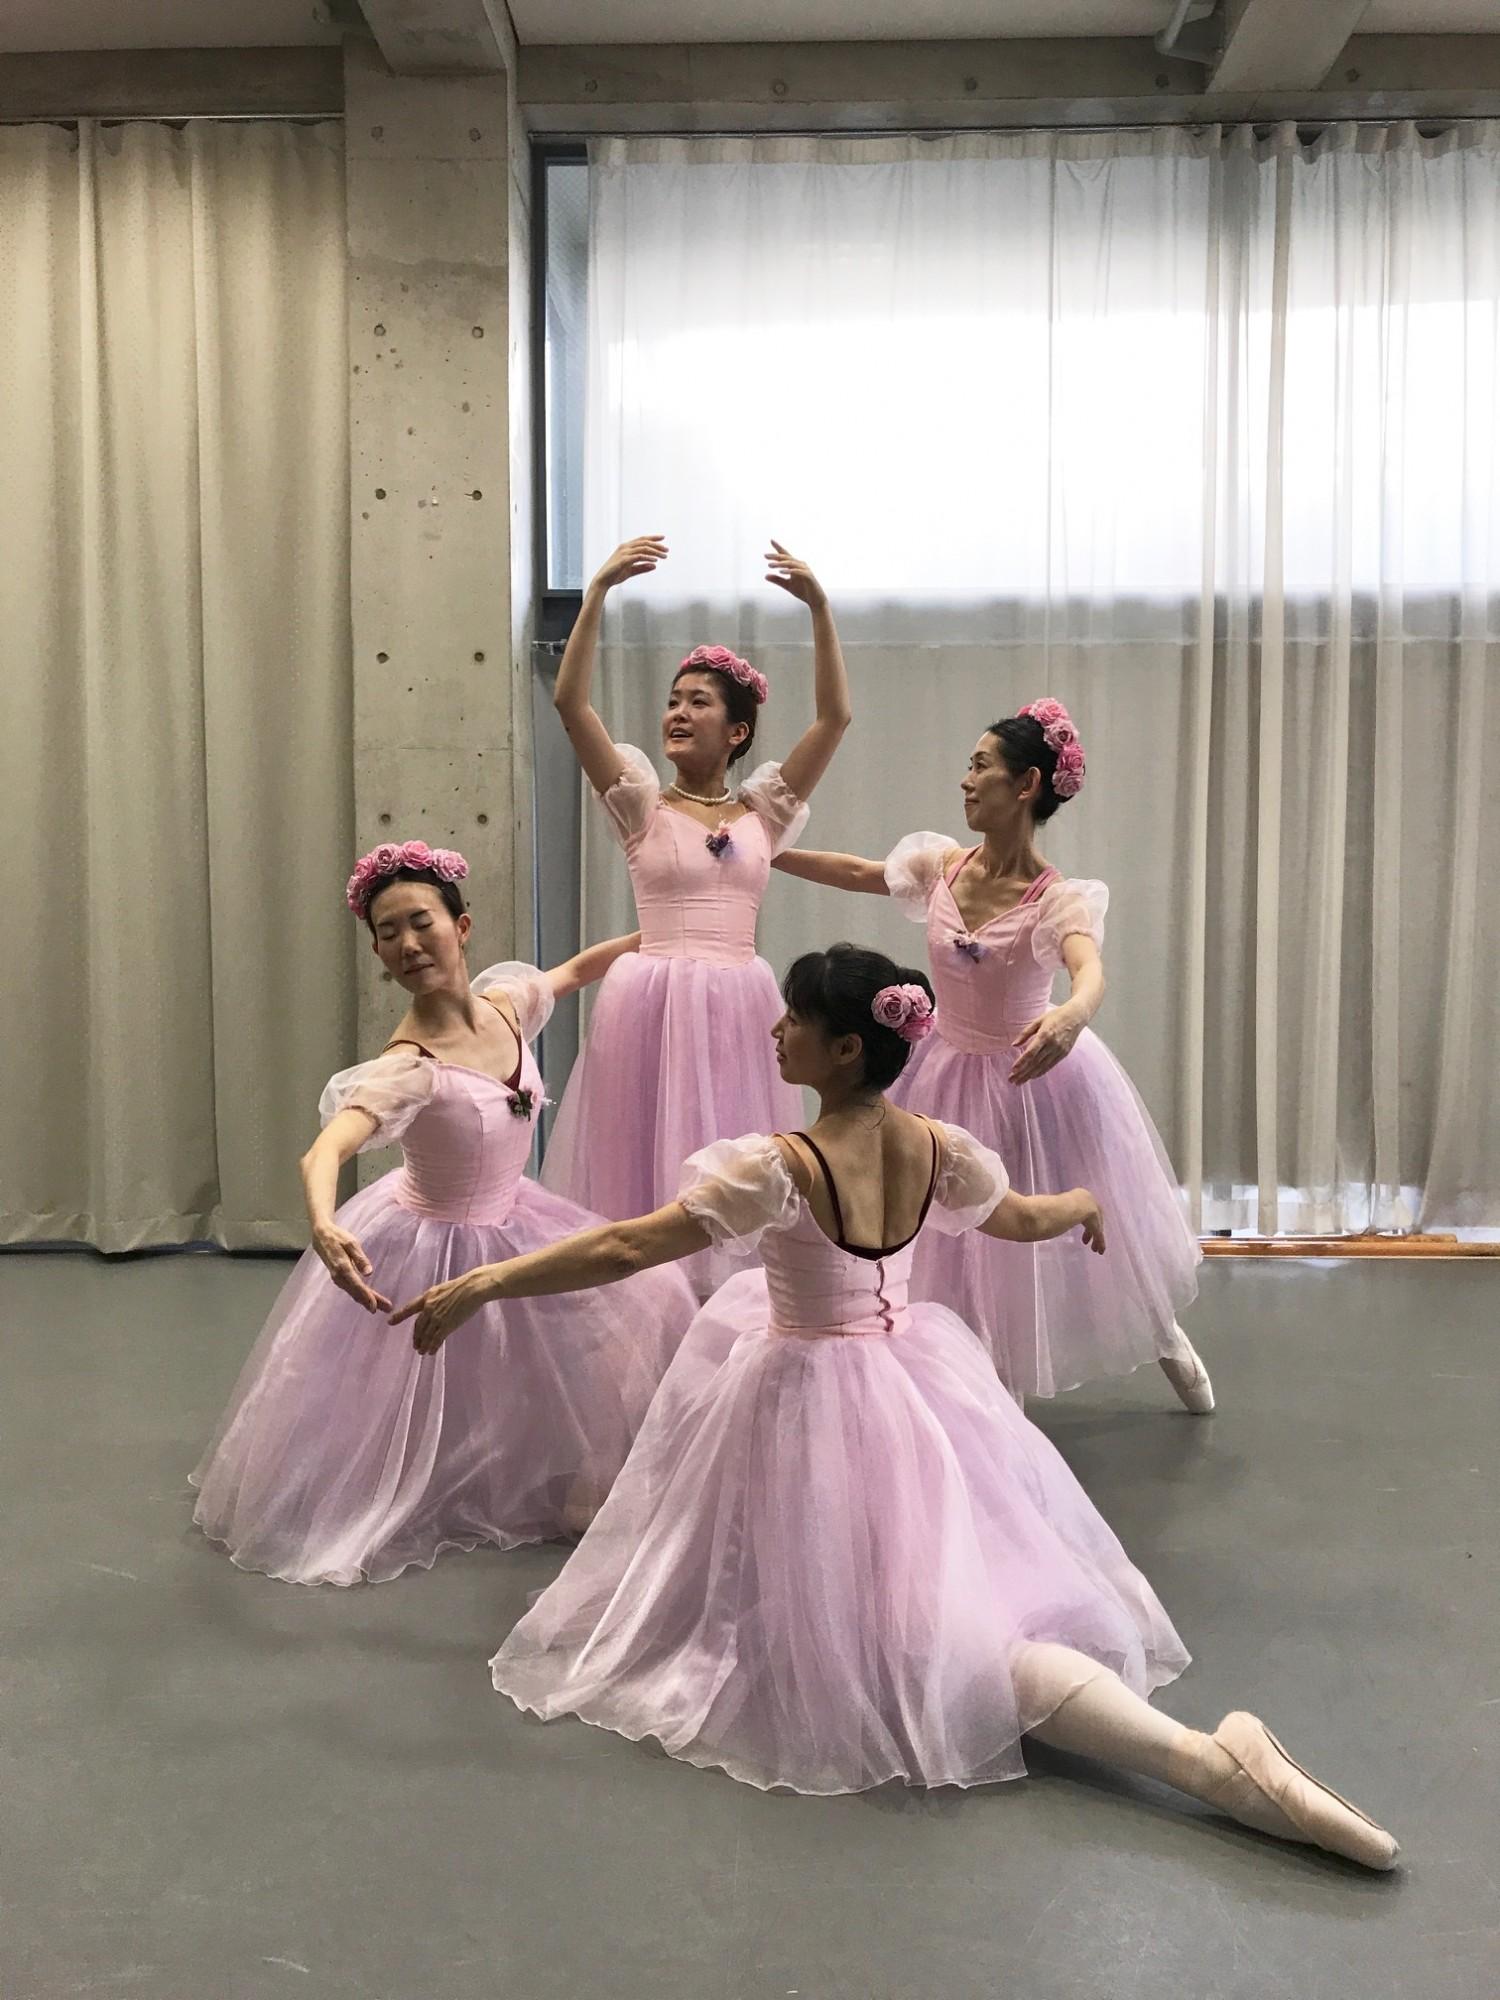 6月25日日曜日船橋市民文化ホール舞台本番、観に来てくださーい ミストラルバレエスタジオ